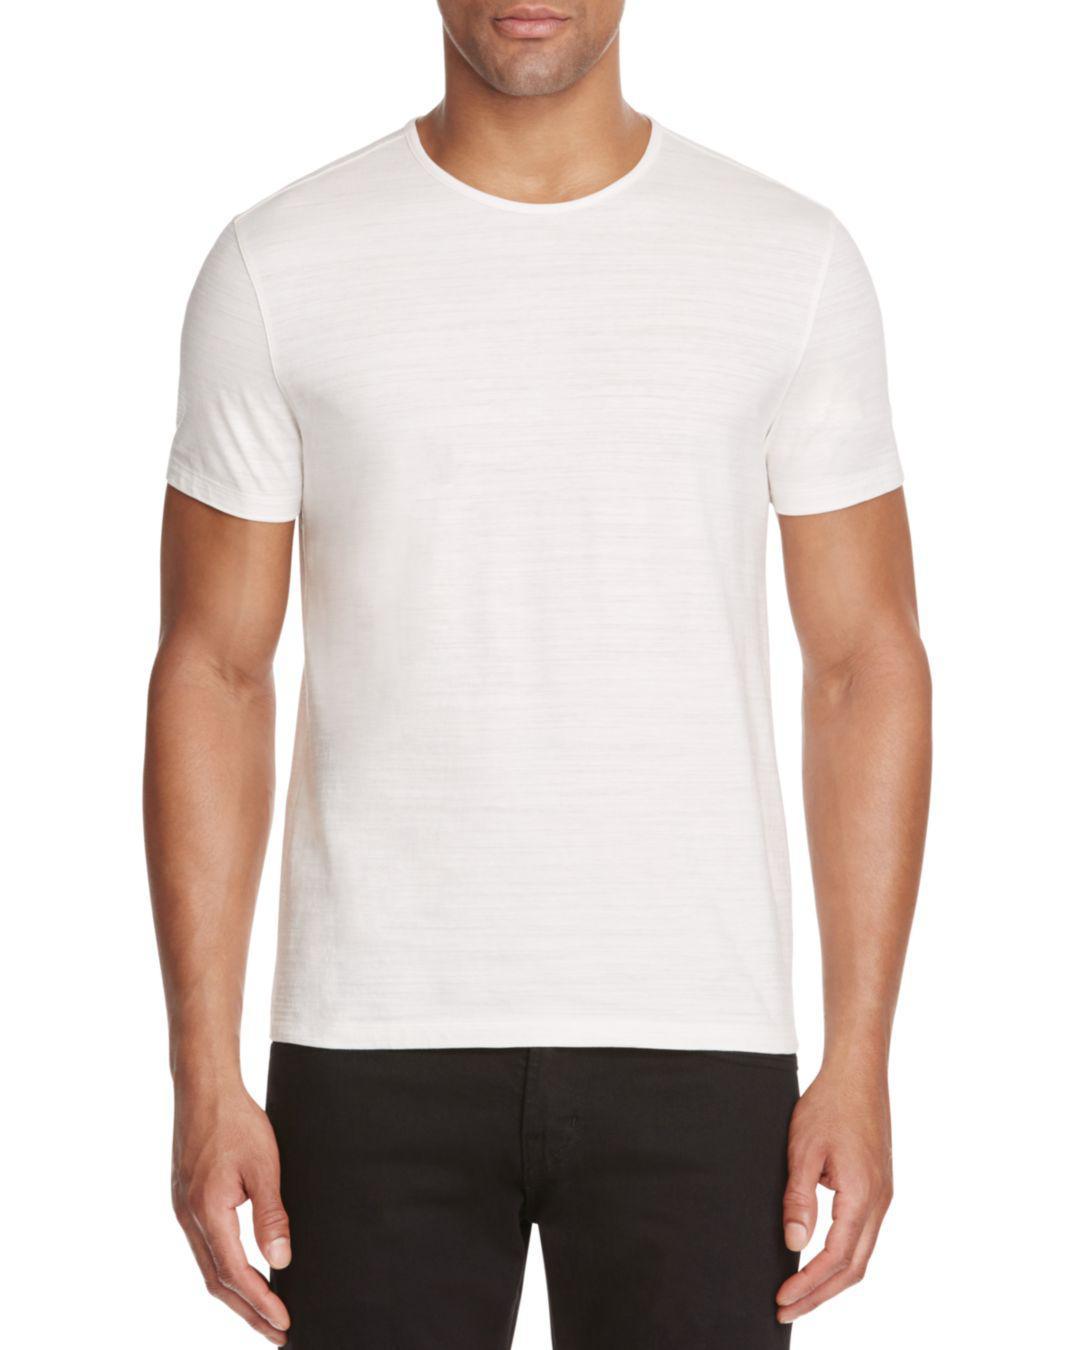 John Varvatos Pima Cotton Slub Knit Tee In White For Men Lyst